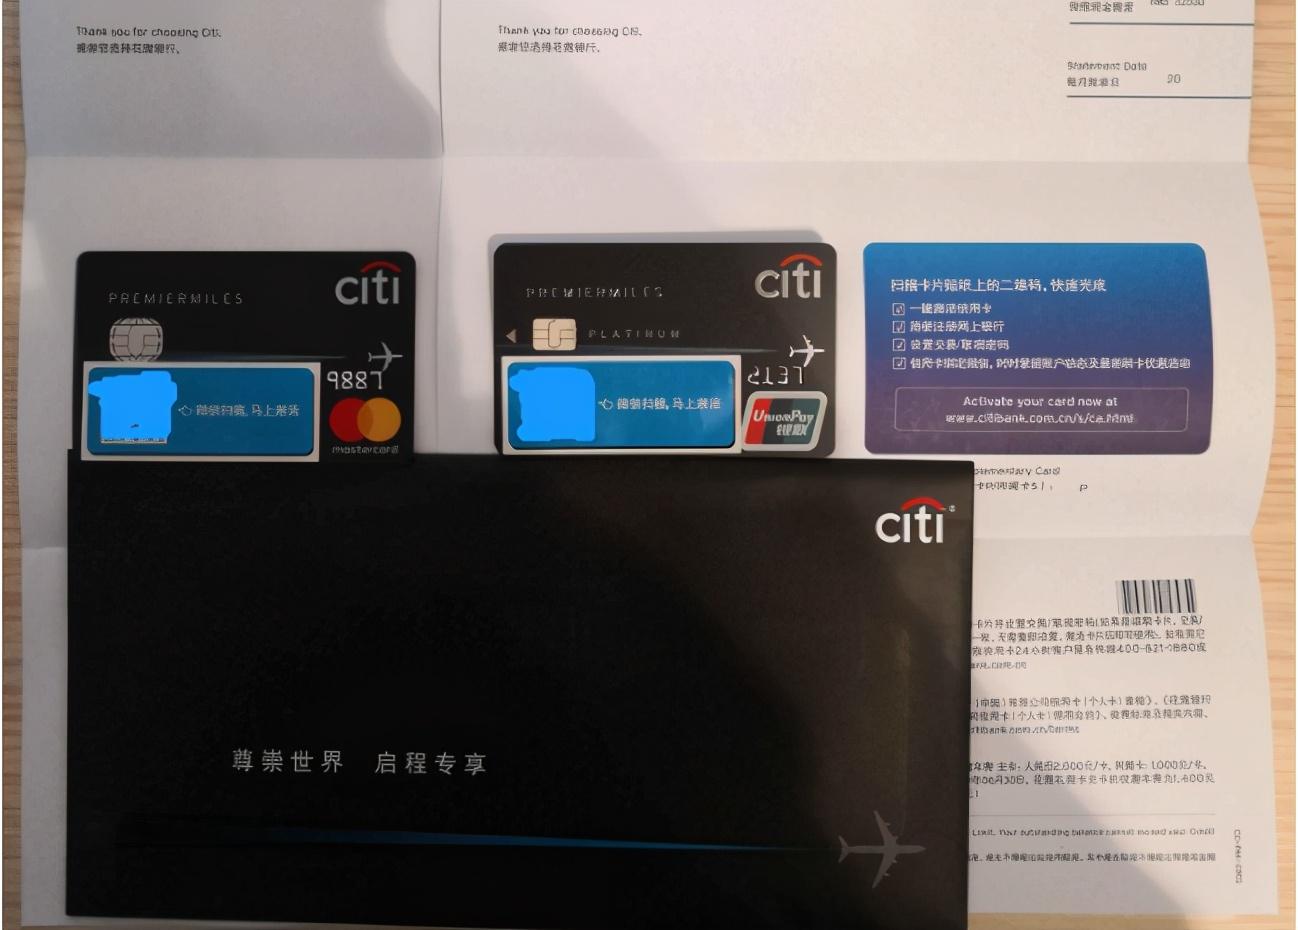 花旗银行突然宣布退出中国个人业务,那欠信用卡的钱还用还吗?